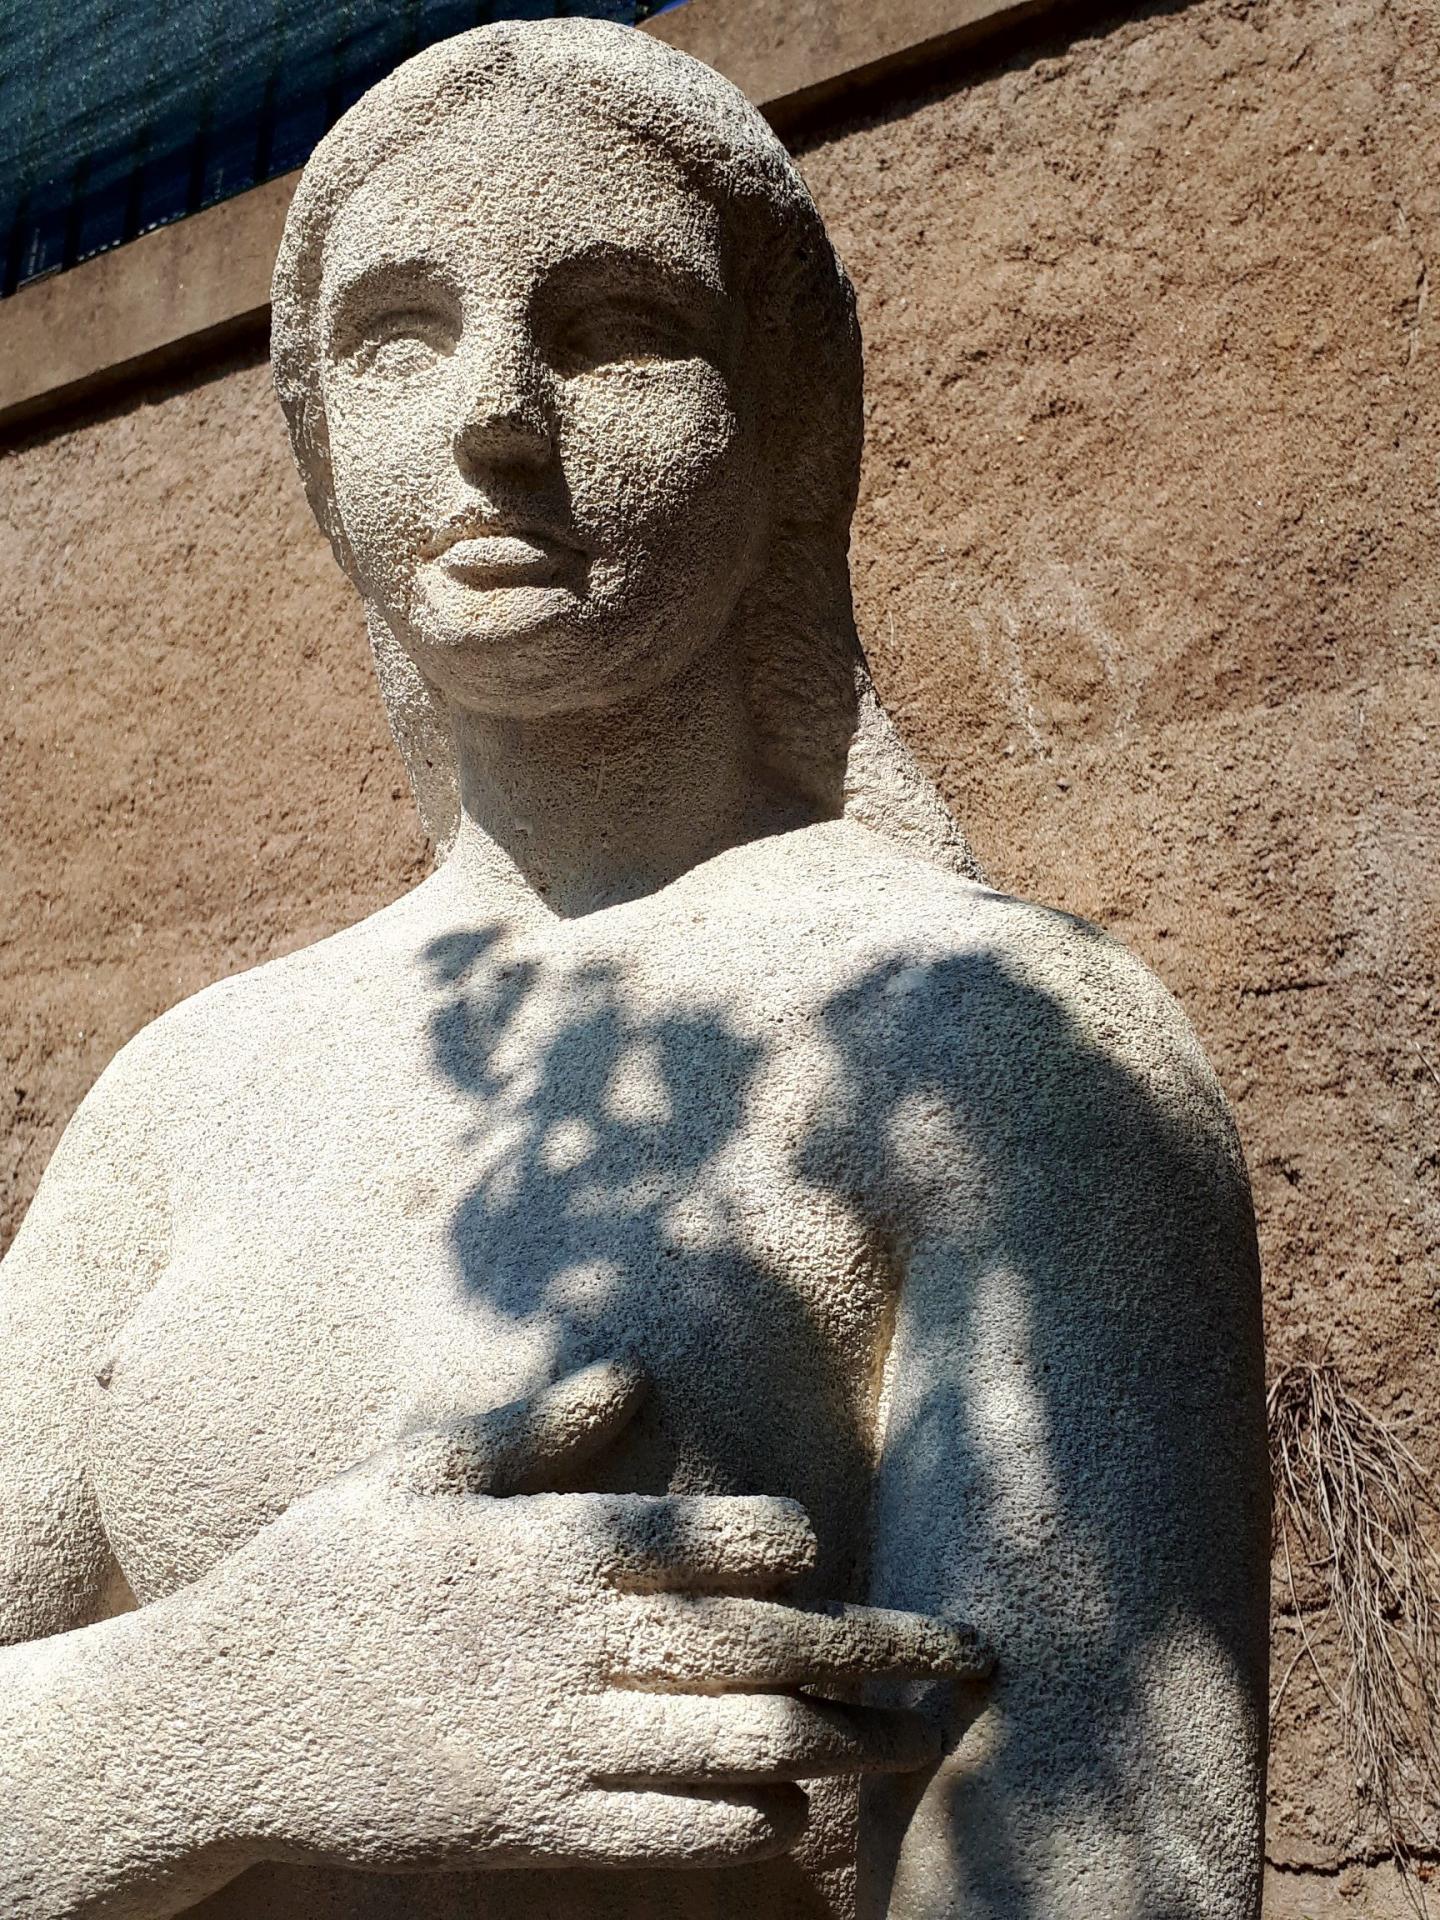 Les sculptures installées au Parc Huassmann ont été détériorées.